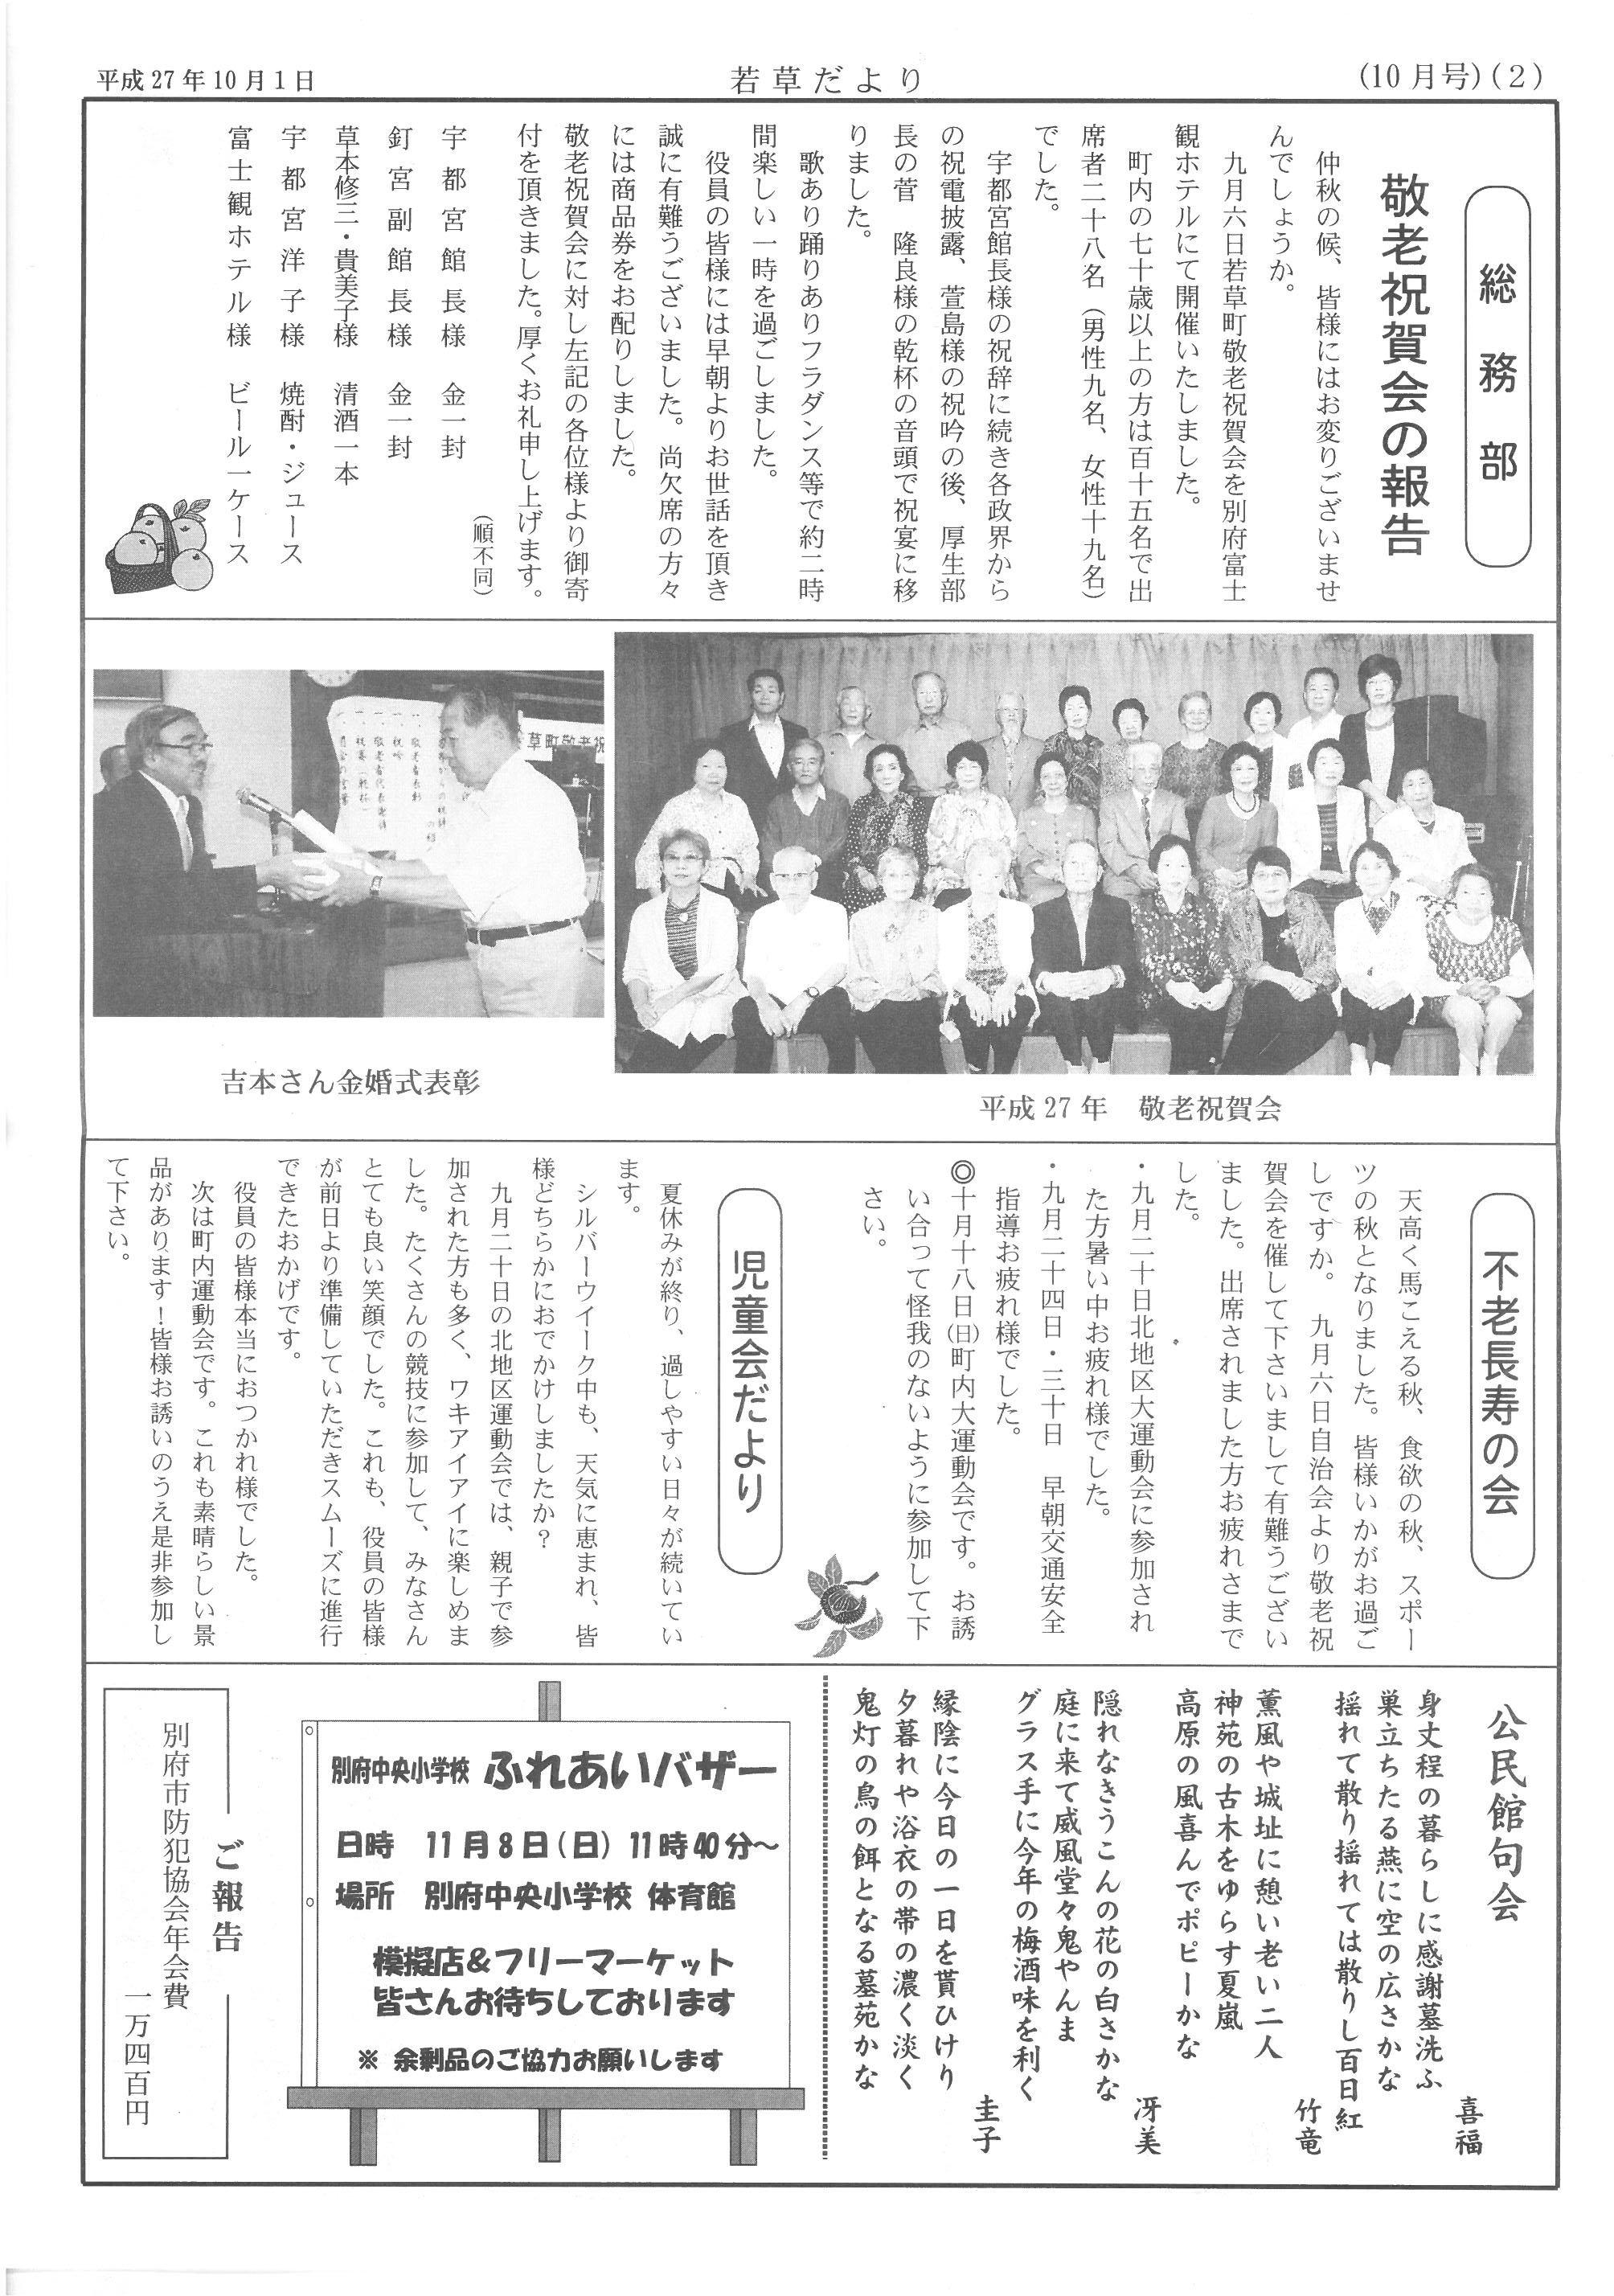 wakakusa2015_10_02